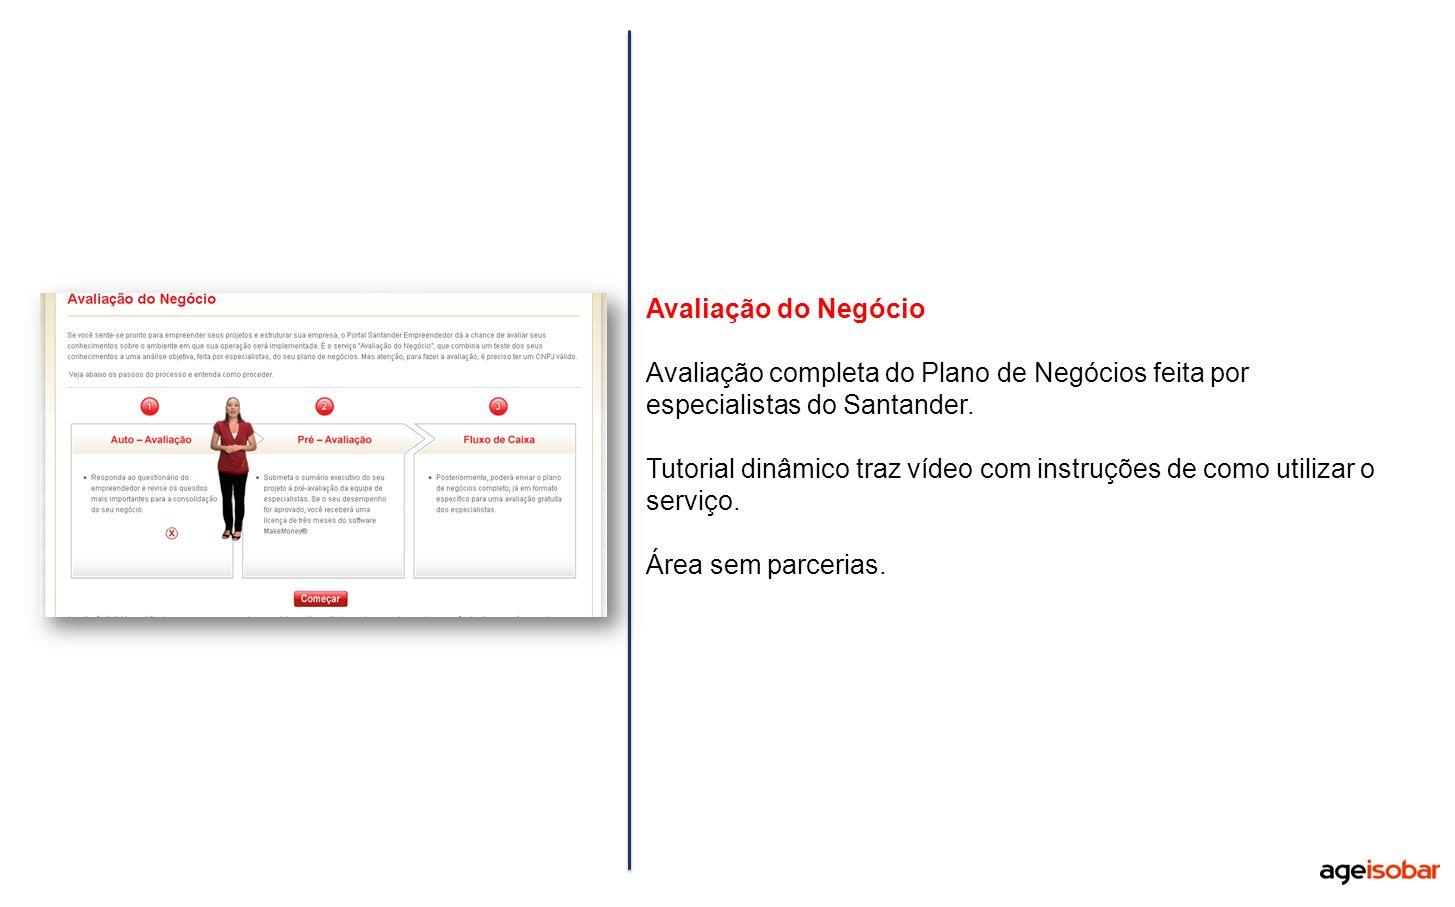 Avaliação do Negócio Avaliação completa do Plano de Negócios feita por especialistas do Santander. Tutorial dinâmico traz vídeo com instruções de como